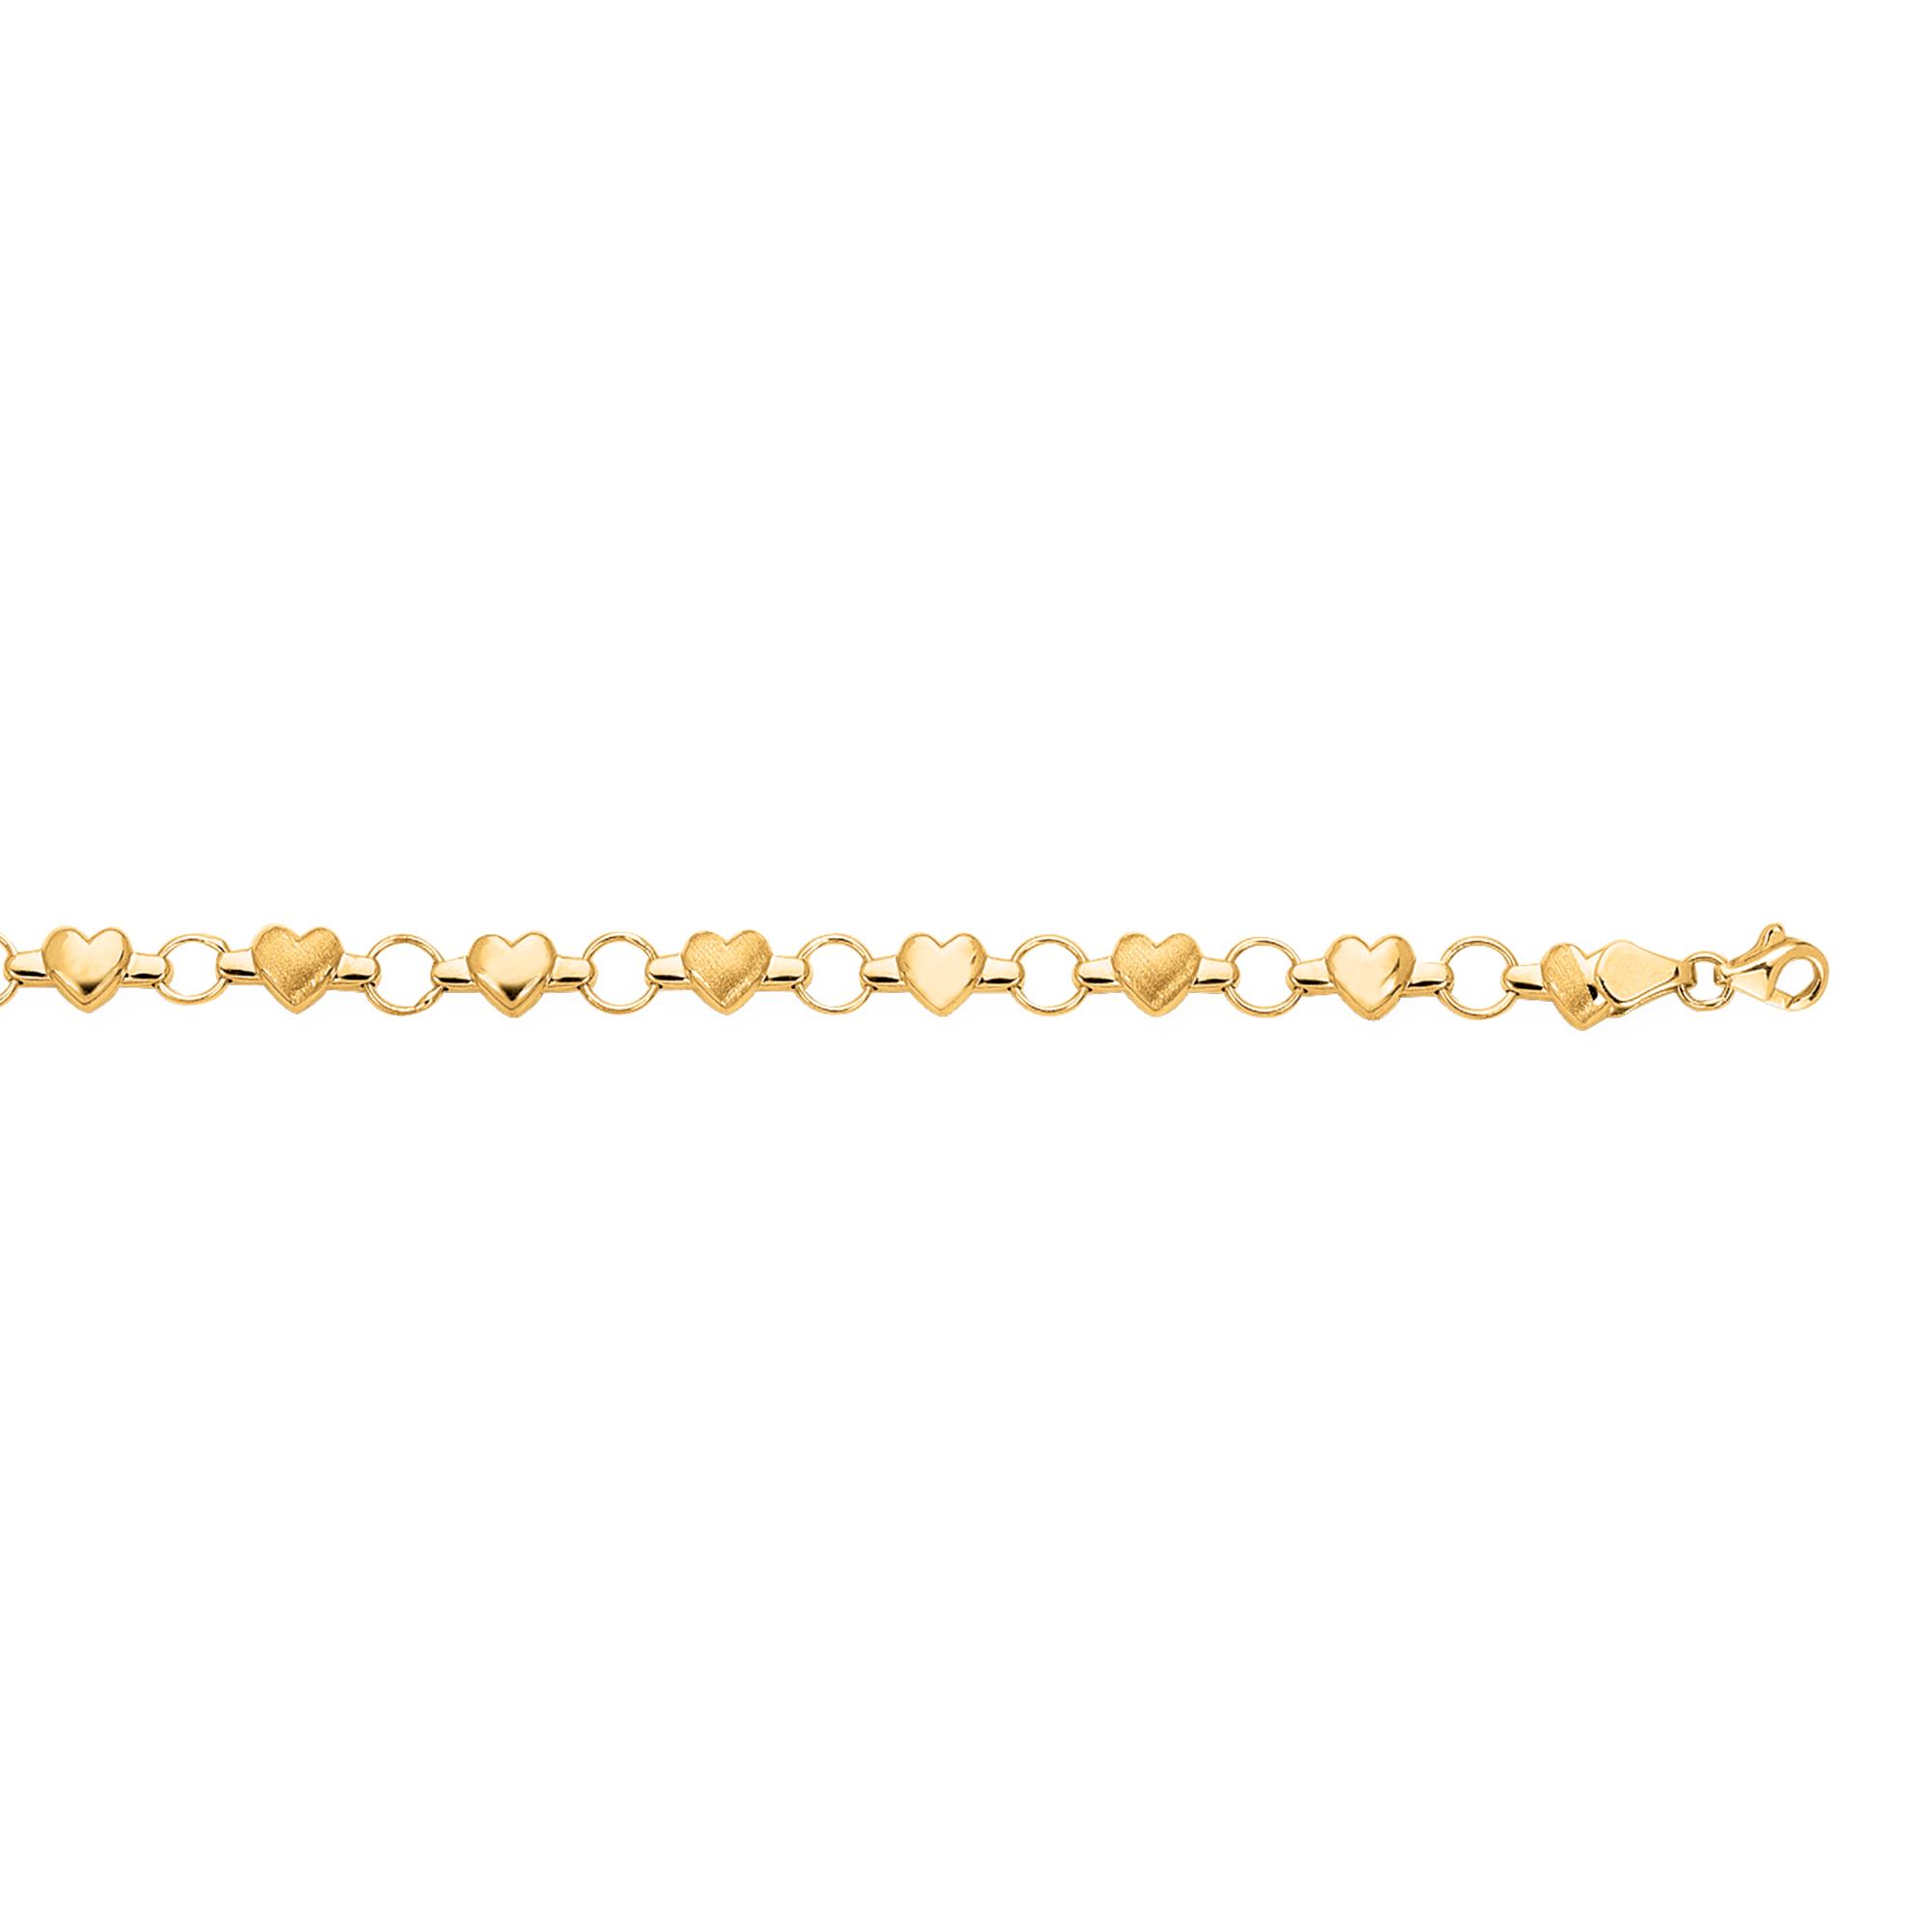 14K Gold Heart & Satin Heart Alternating Bracelet